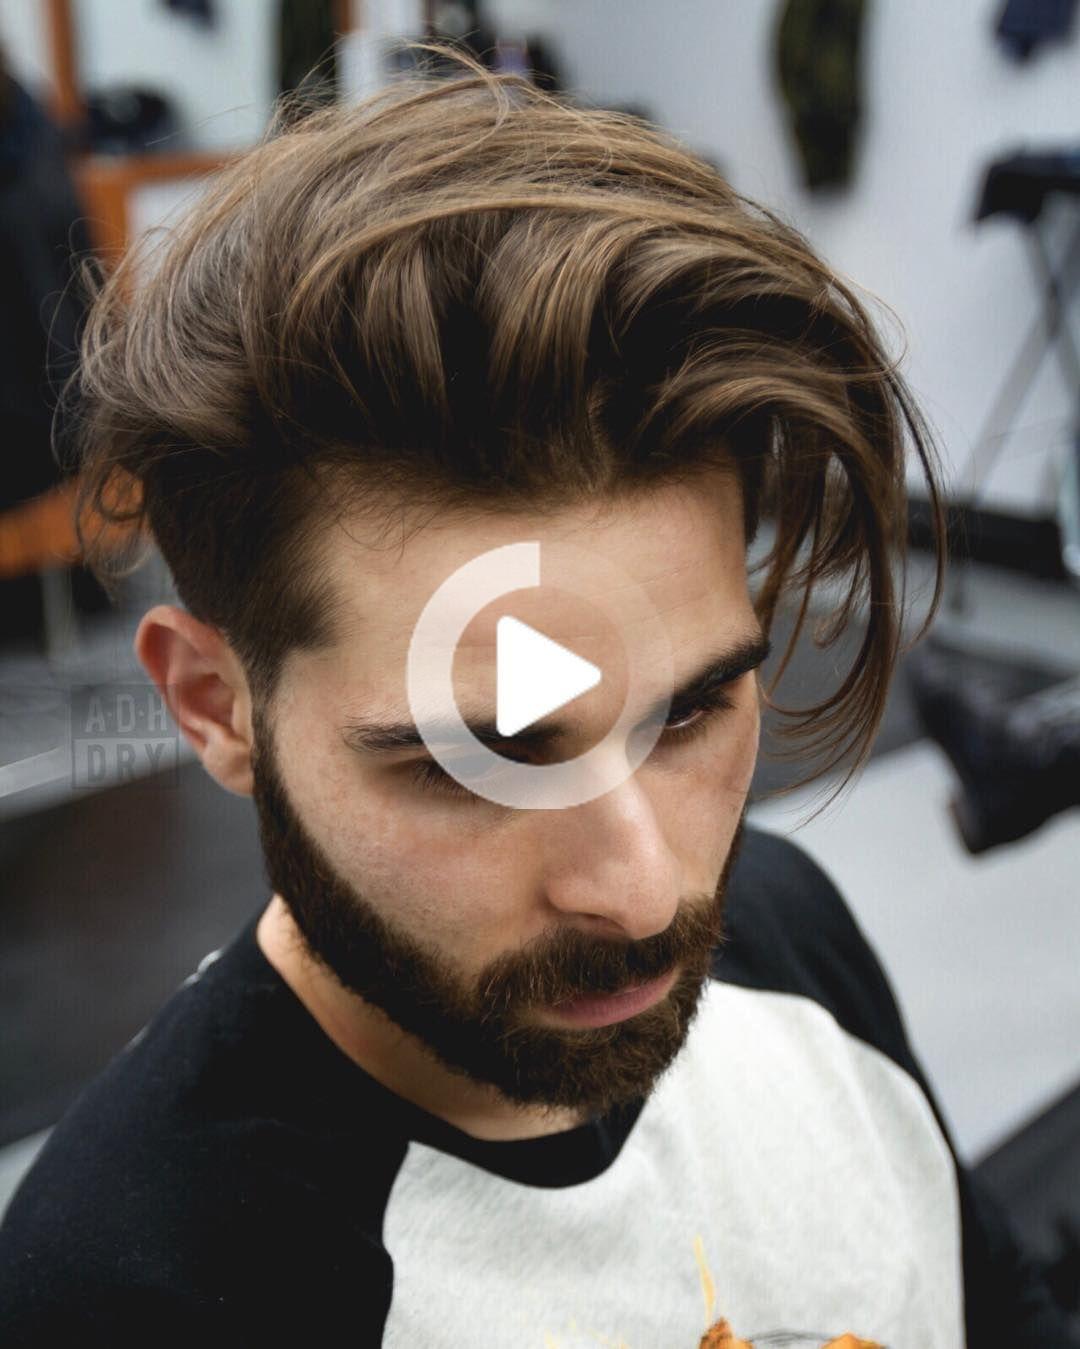 Wall Art En 2020 Coiffure Homme Long Cheveux Long Homme Pousse Des Cheveux